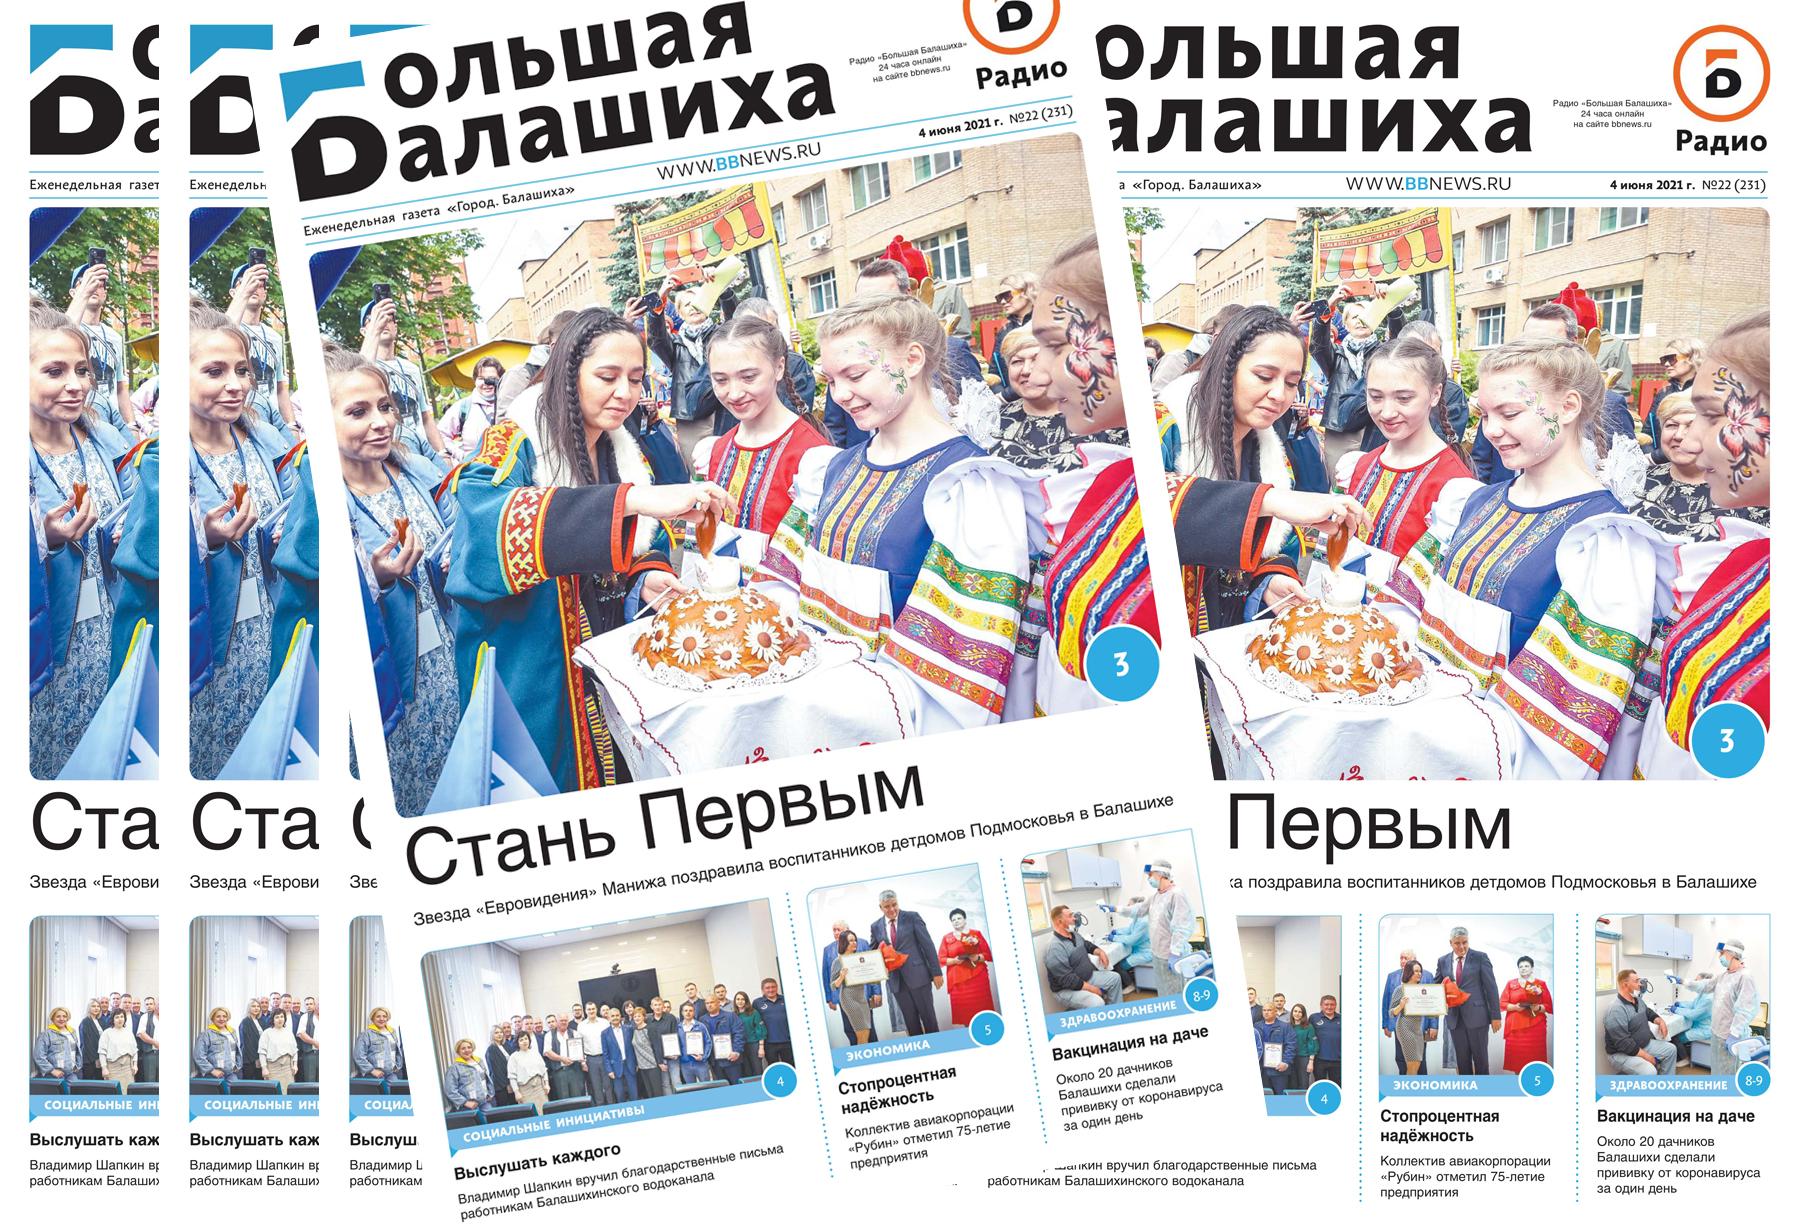 Вышла газета «Город Балашиха» №22 (231)